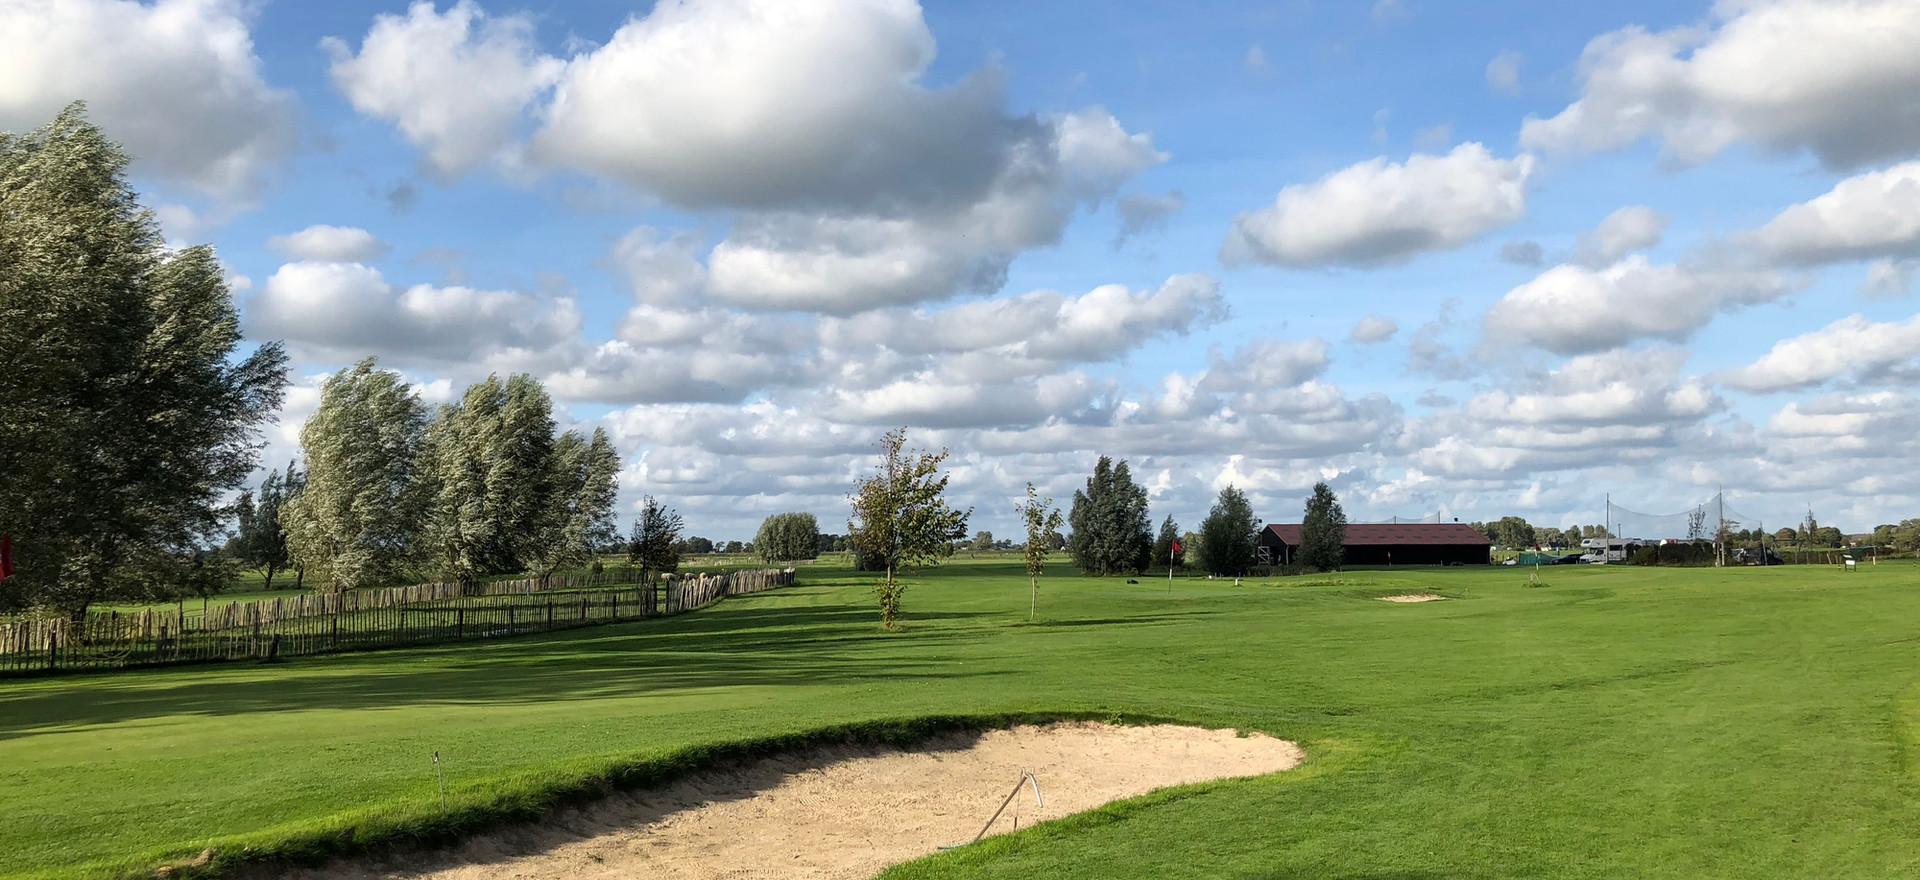 barsingerhorn golfclub molenslag.JPG